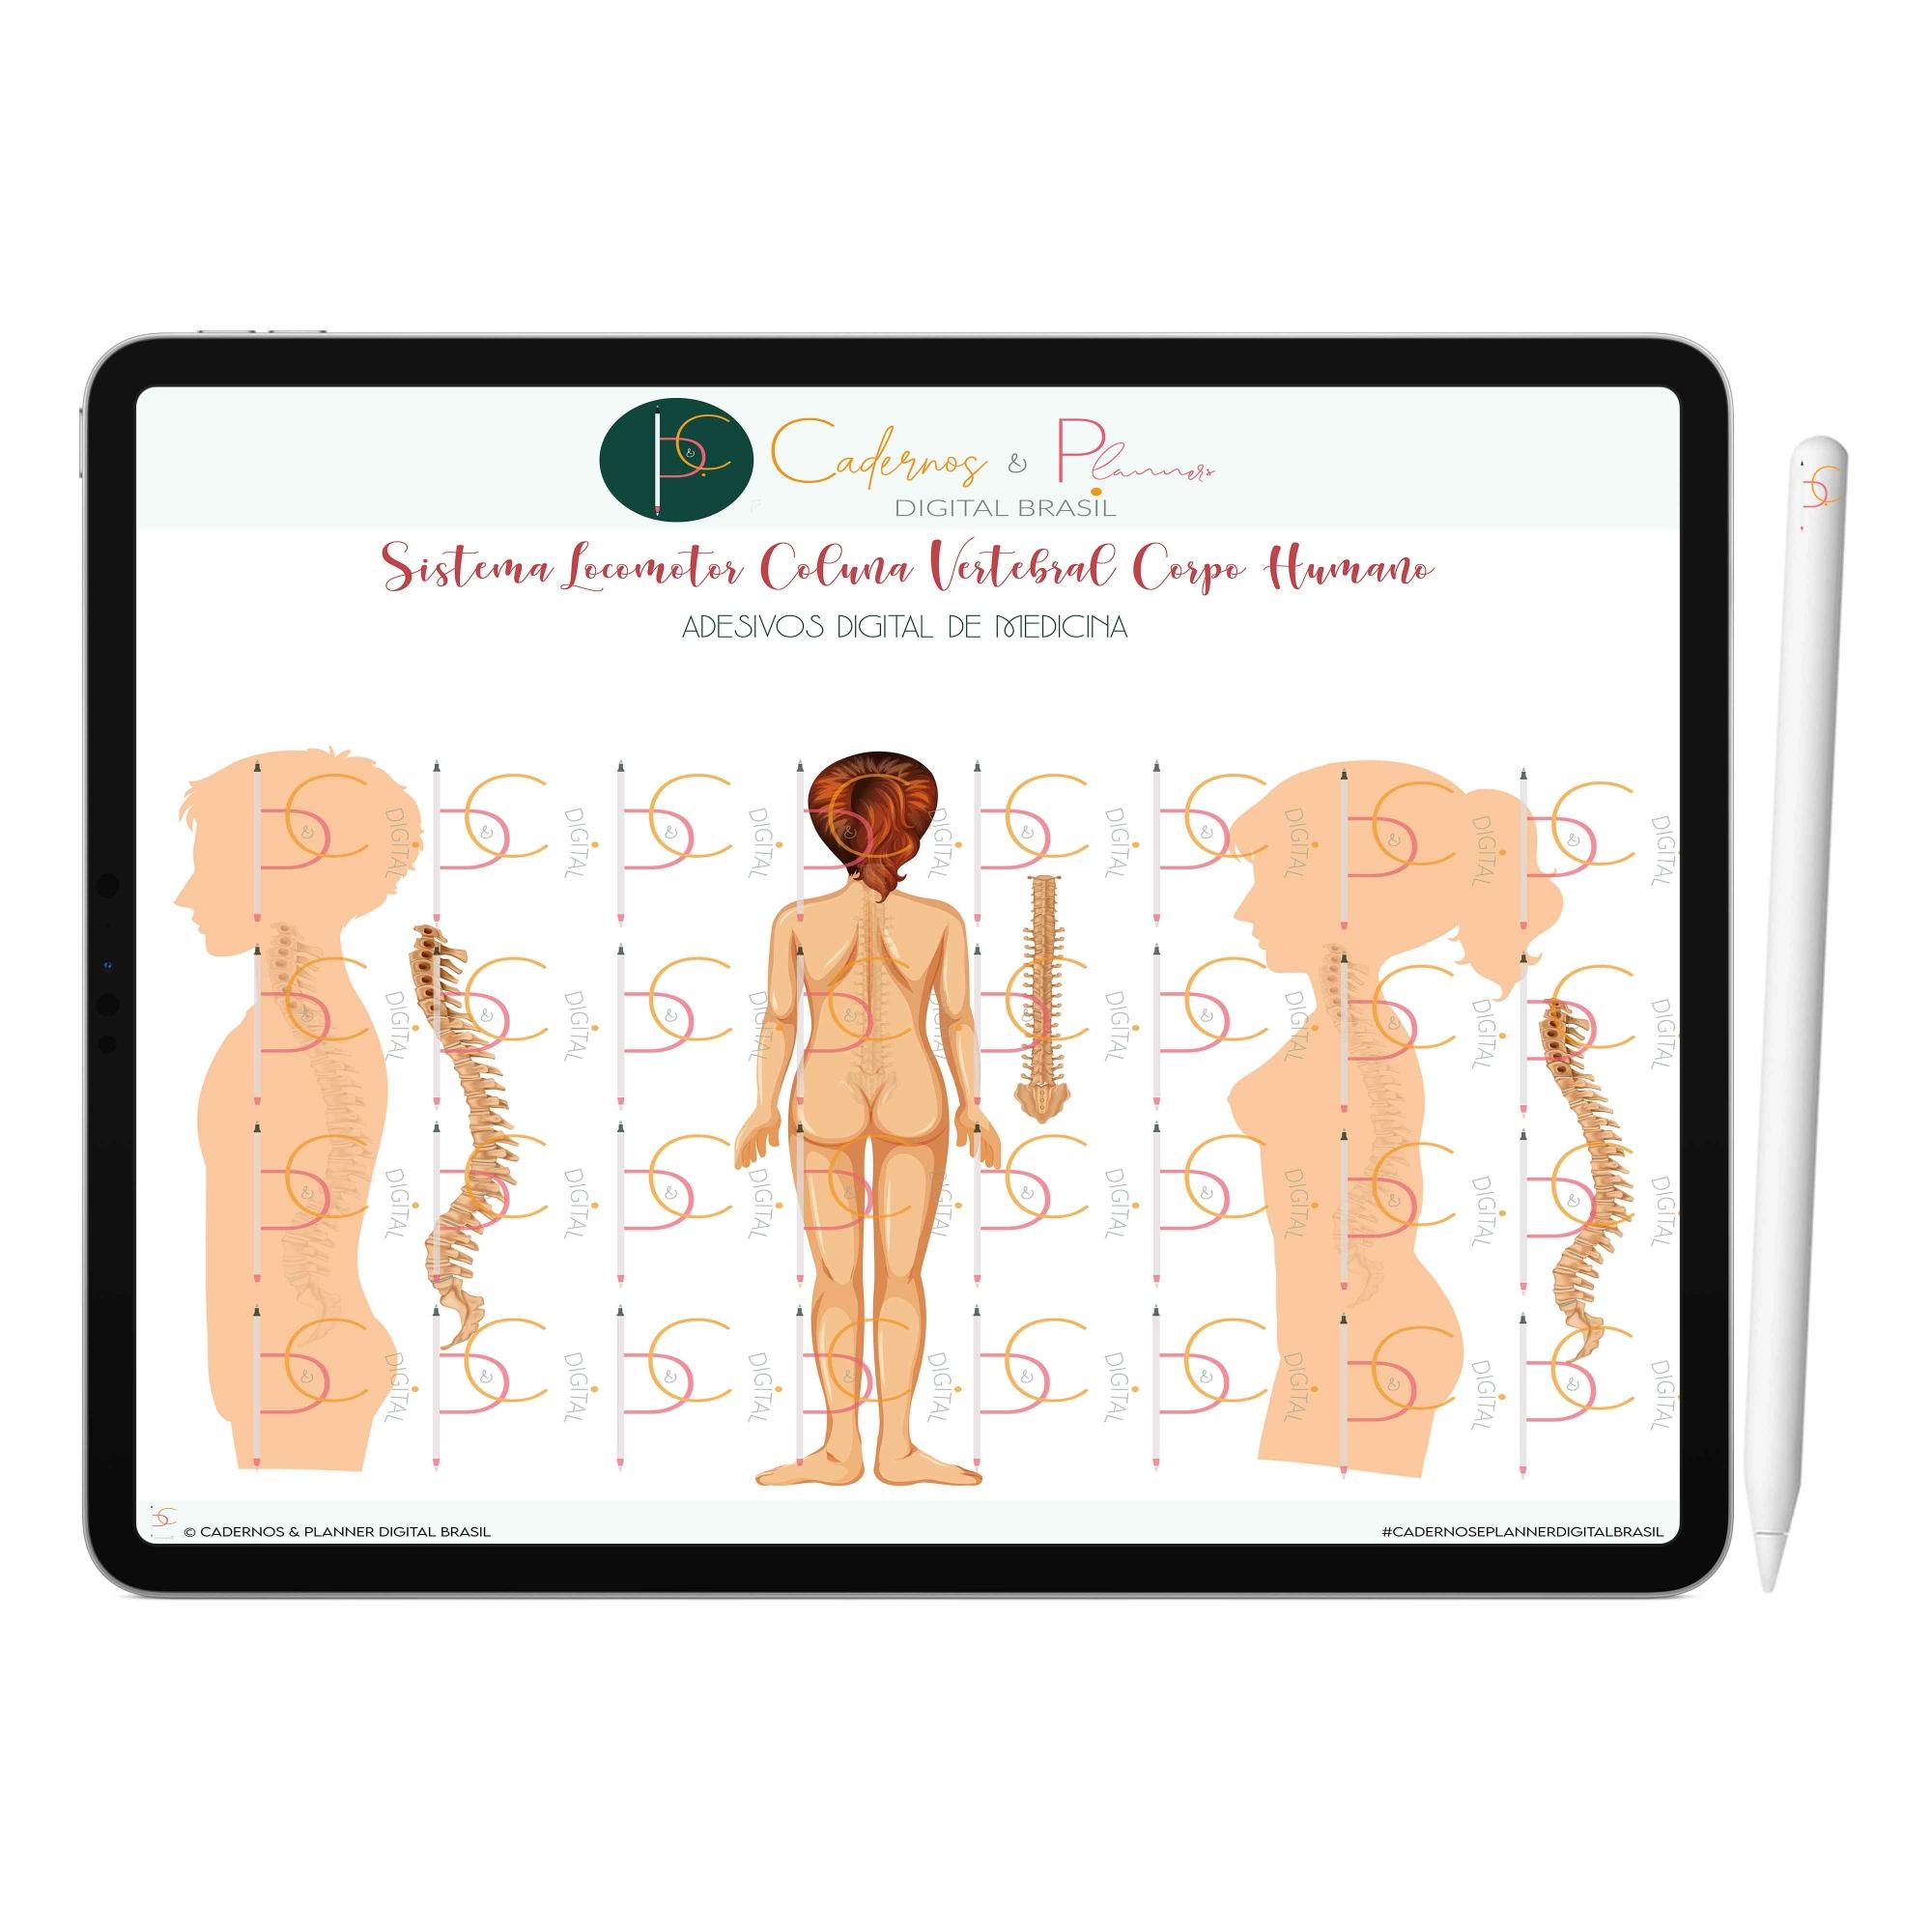 Adesivos Digital de Medicina - Sistema Locomotor Anatomia Coluna Vertebral | iPad Tablet | Download Instantâneo